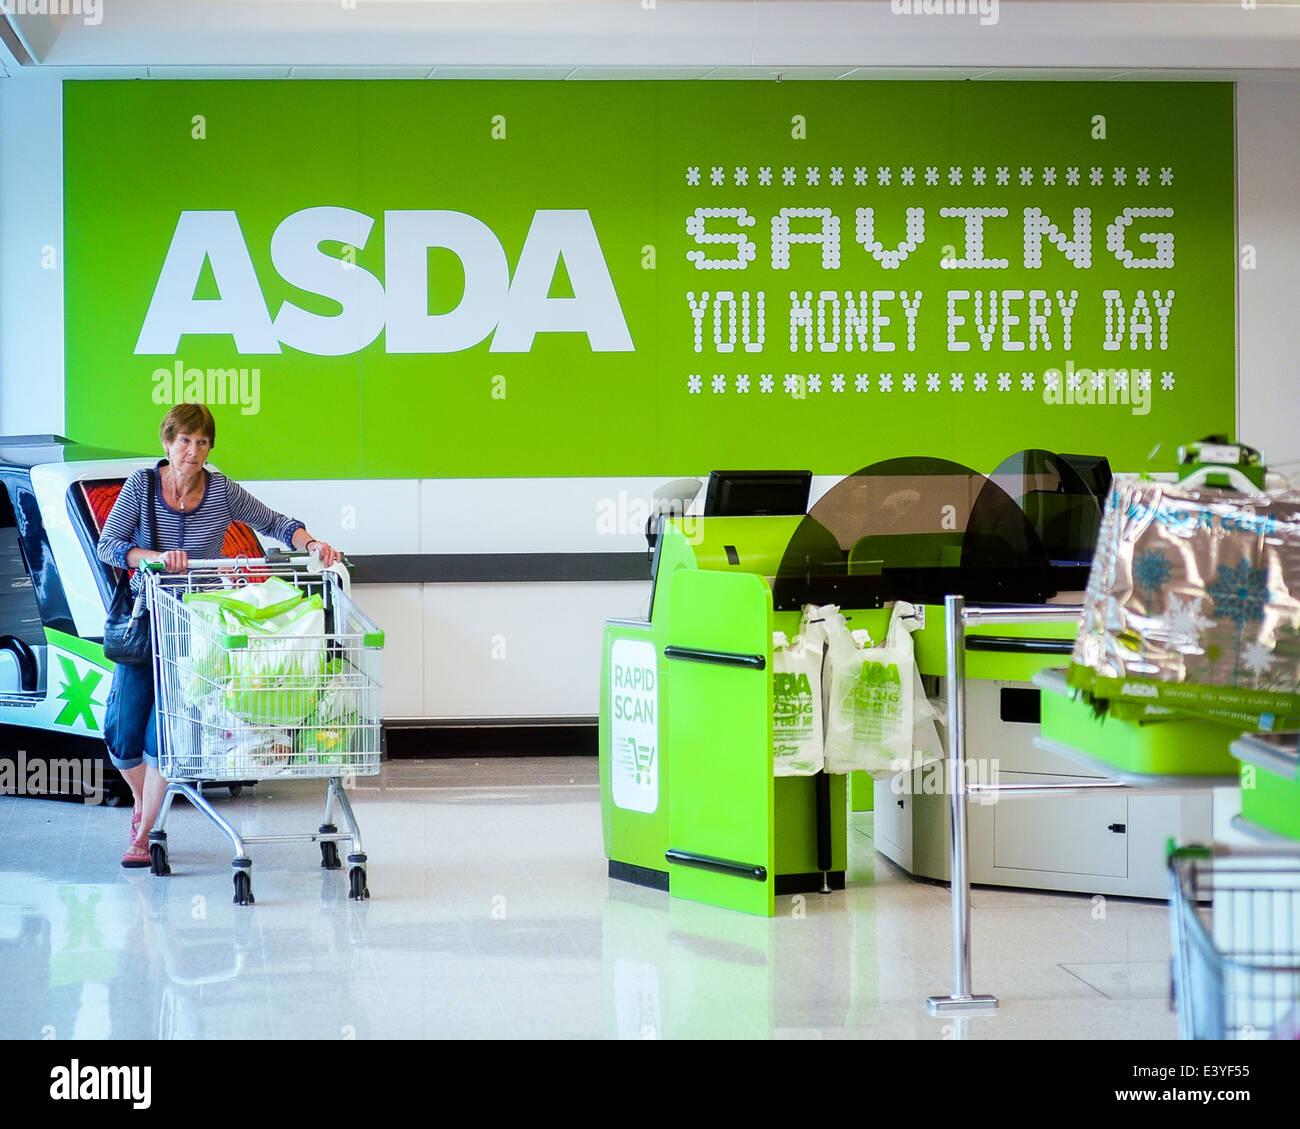 Mujer shopper con carro delante de ASDA logo - 'Saving dinero cada día' Imagen De Stock